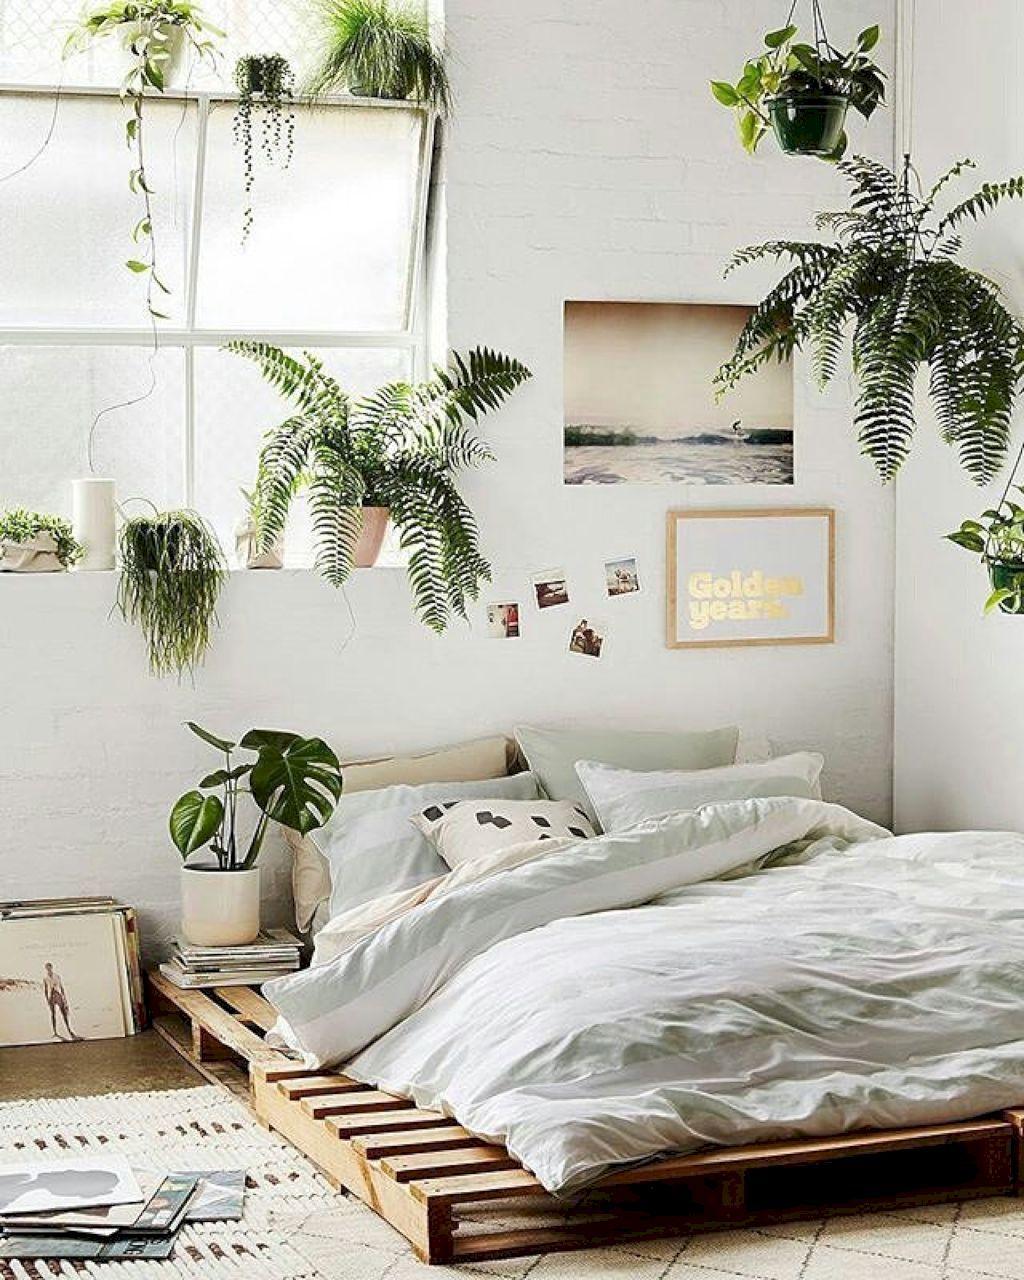 50 Minimalist Bedroom Ideas On A Budget   BellezaRoom.com